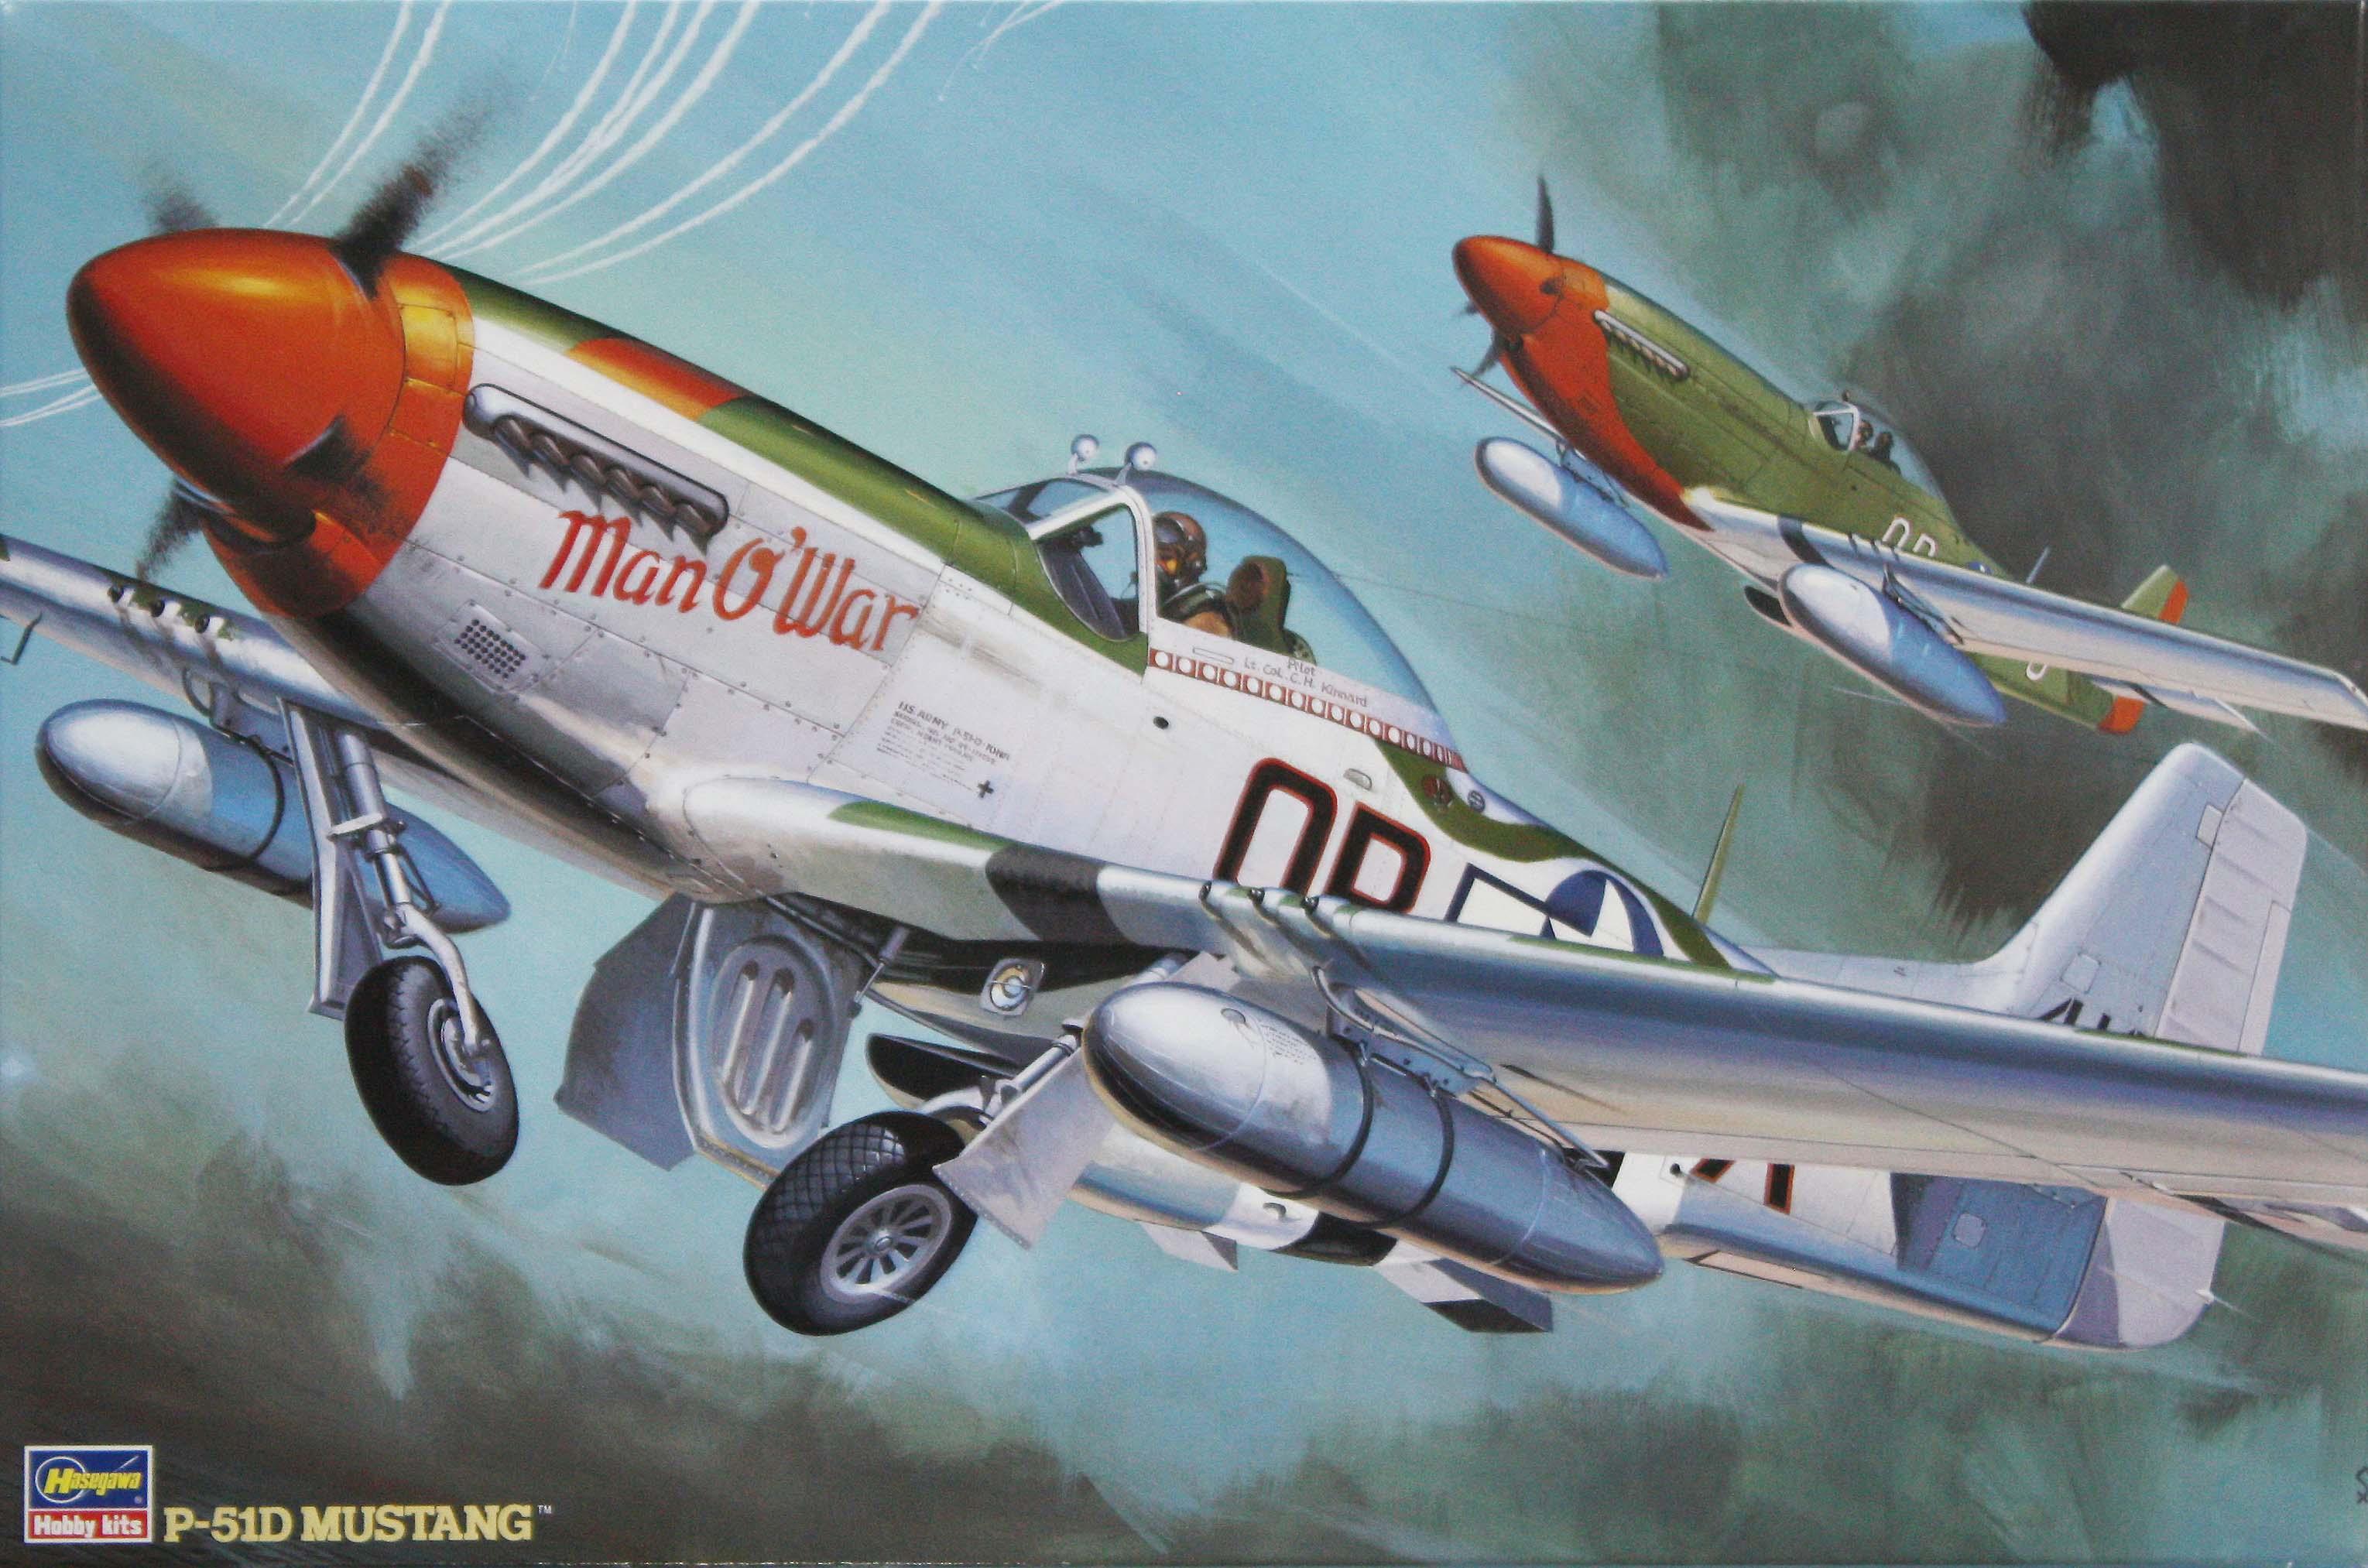 Hasegawa 1/32 P-5ID Mustang